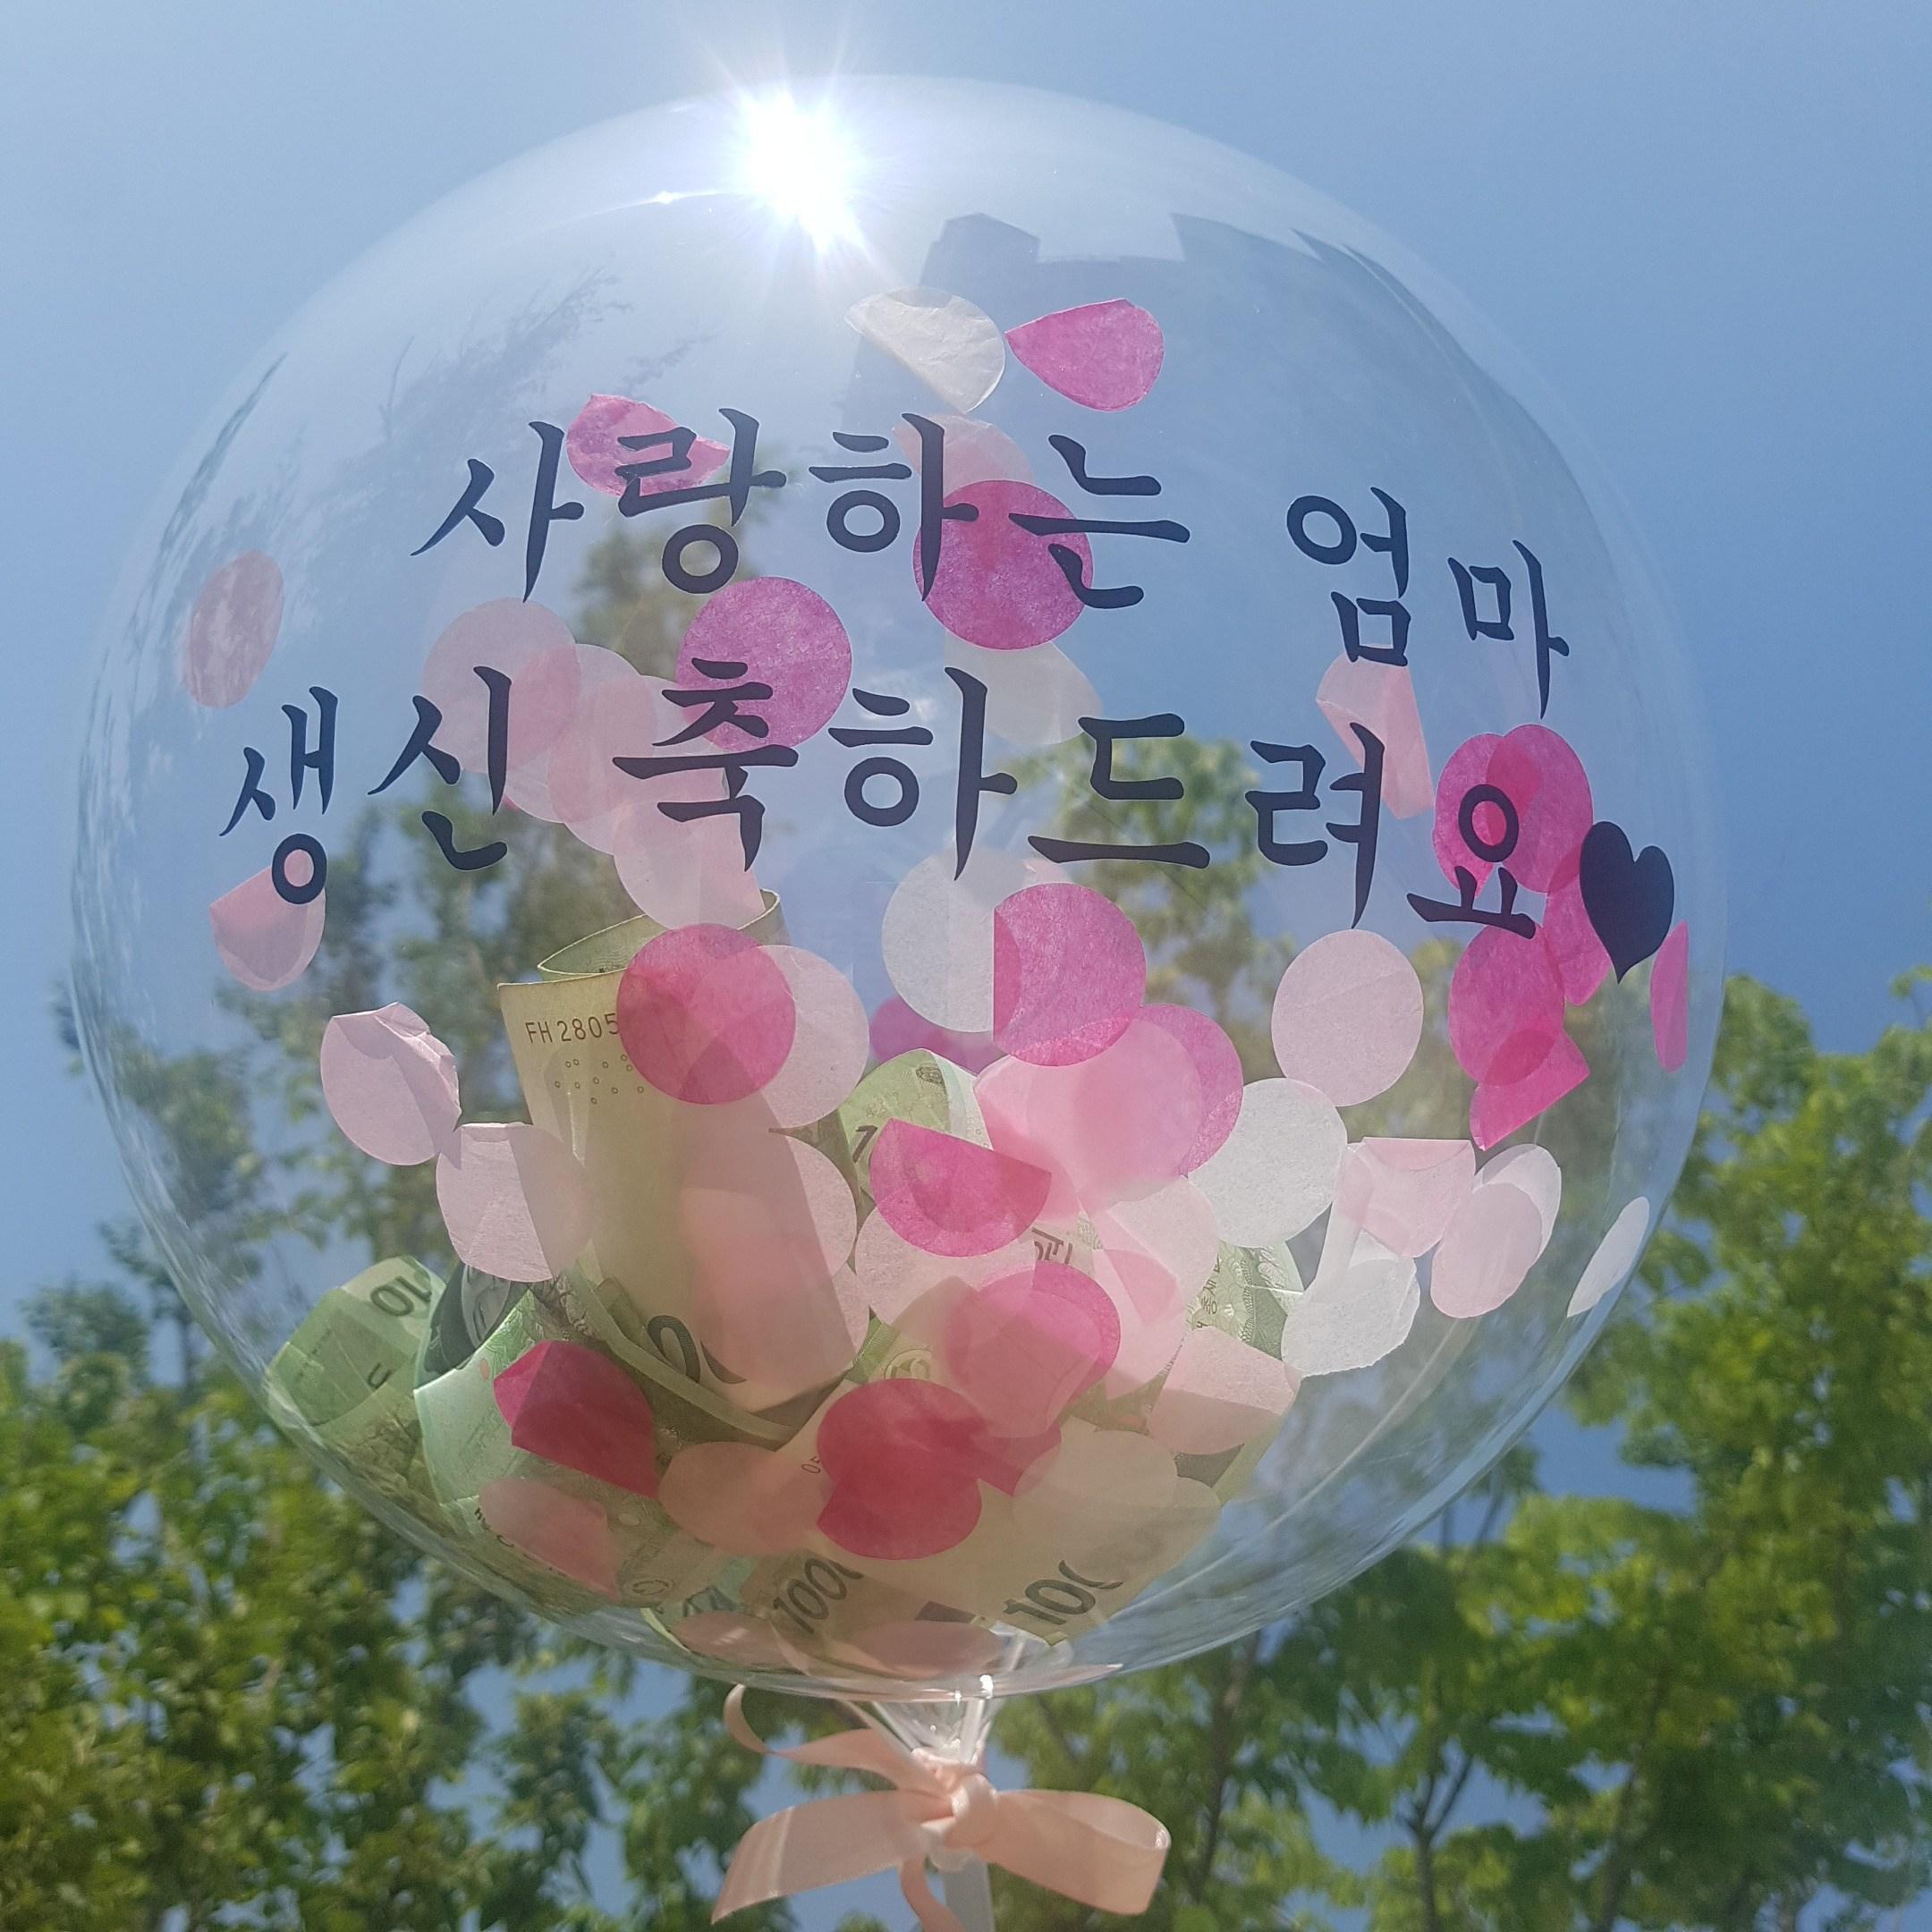 룰루랄라풍선 레터링풍선DIY키트(용돈풍선), 핑크혼합(10인치)